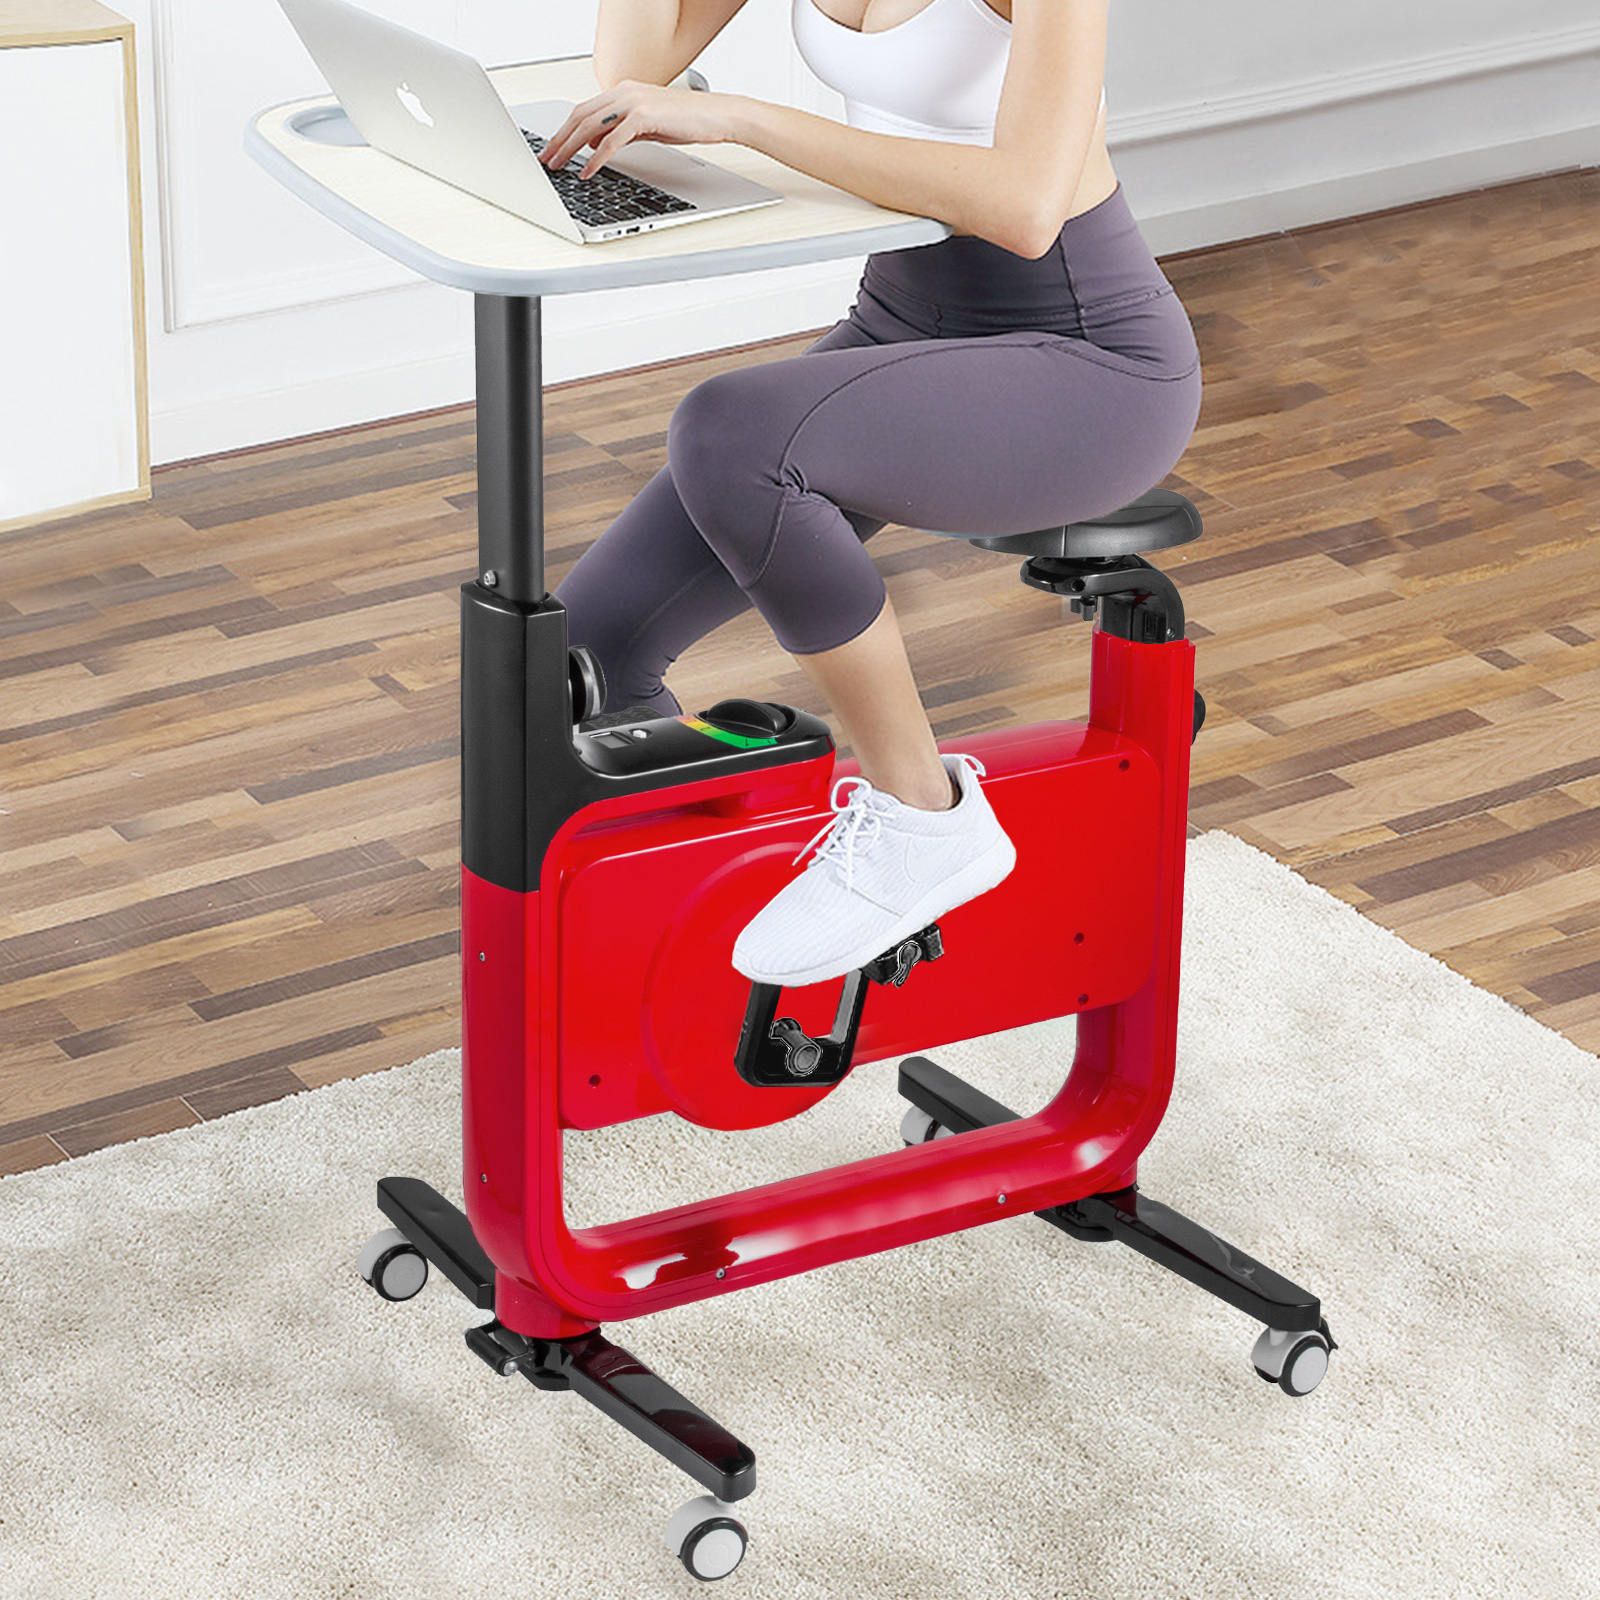 Adjustable-Foldable-Exercise-Desk-Bike-220LBS-Anti-skid-Feet-Shock-Absorption